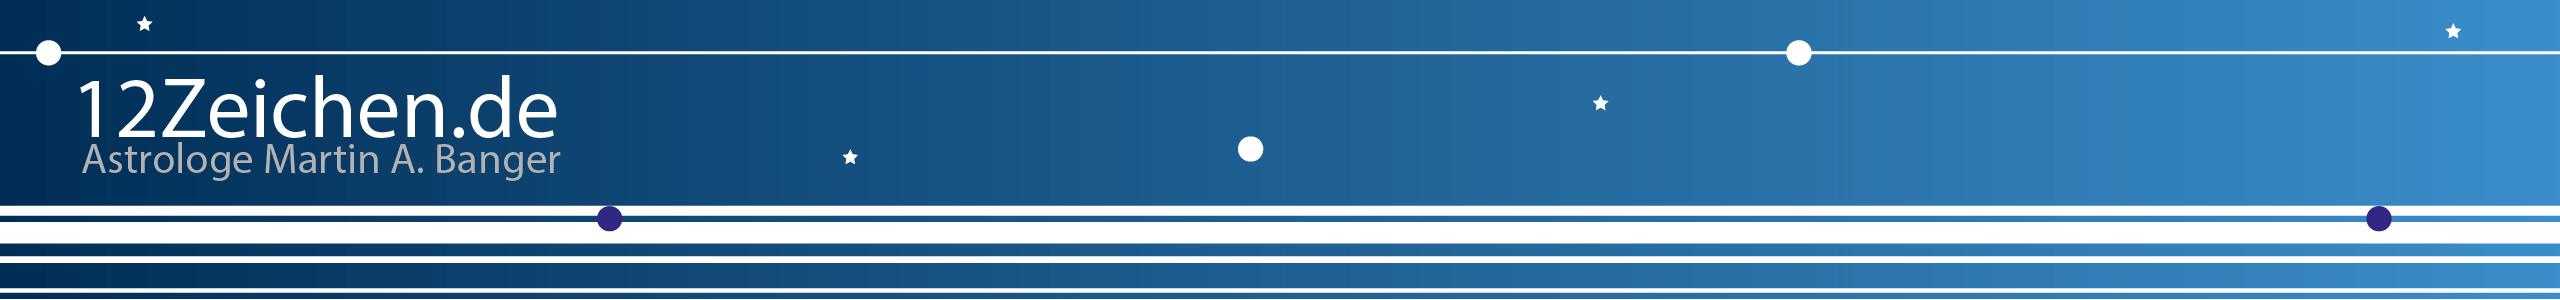 Astrologe Martin A. Banger Logo